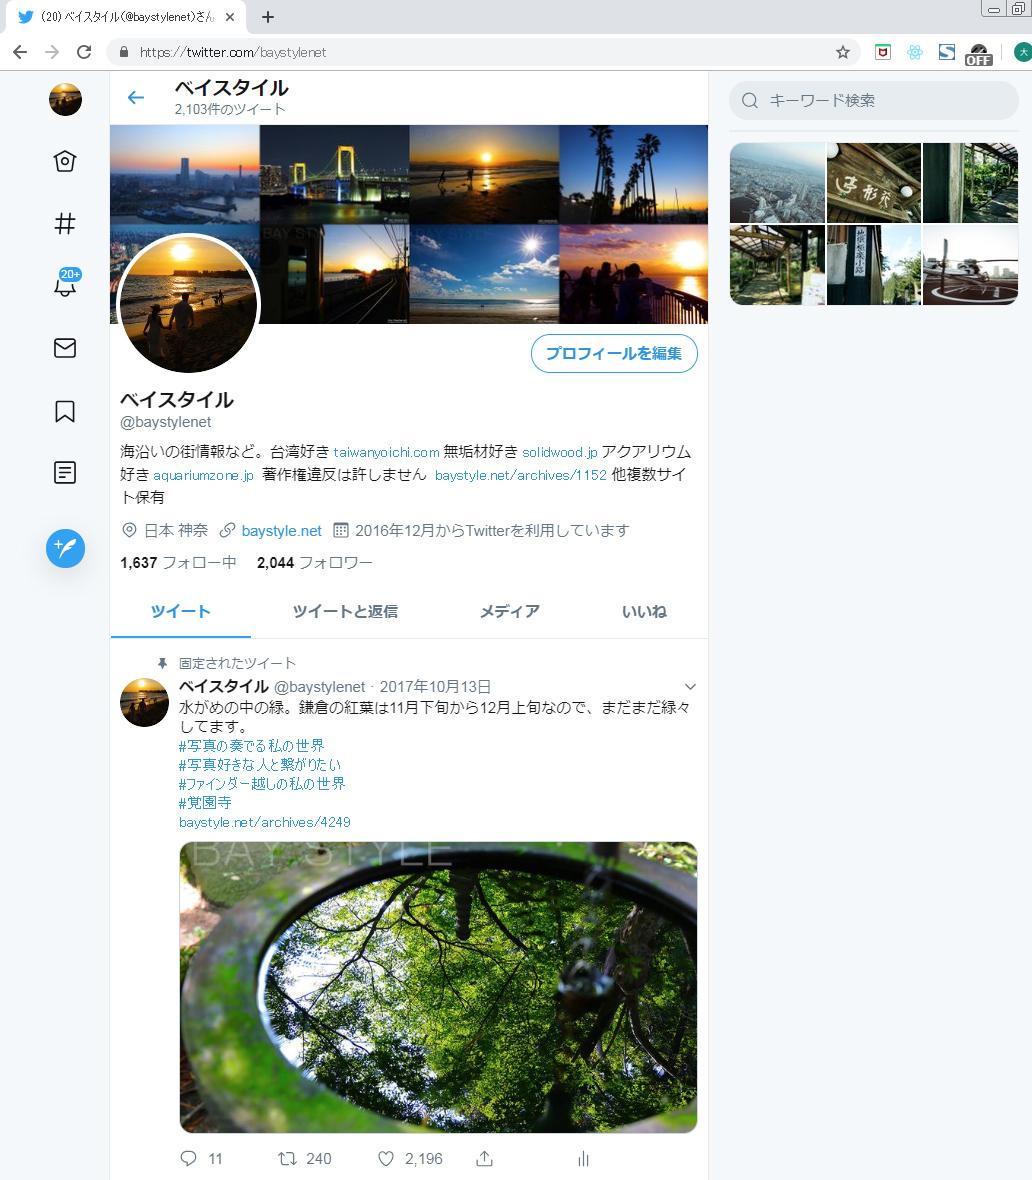 いきなり画面が新しく切り替わっていたツイッターの画面